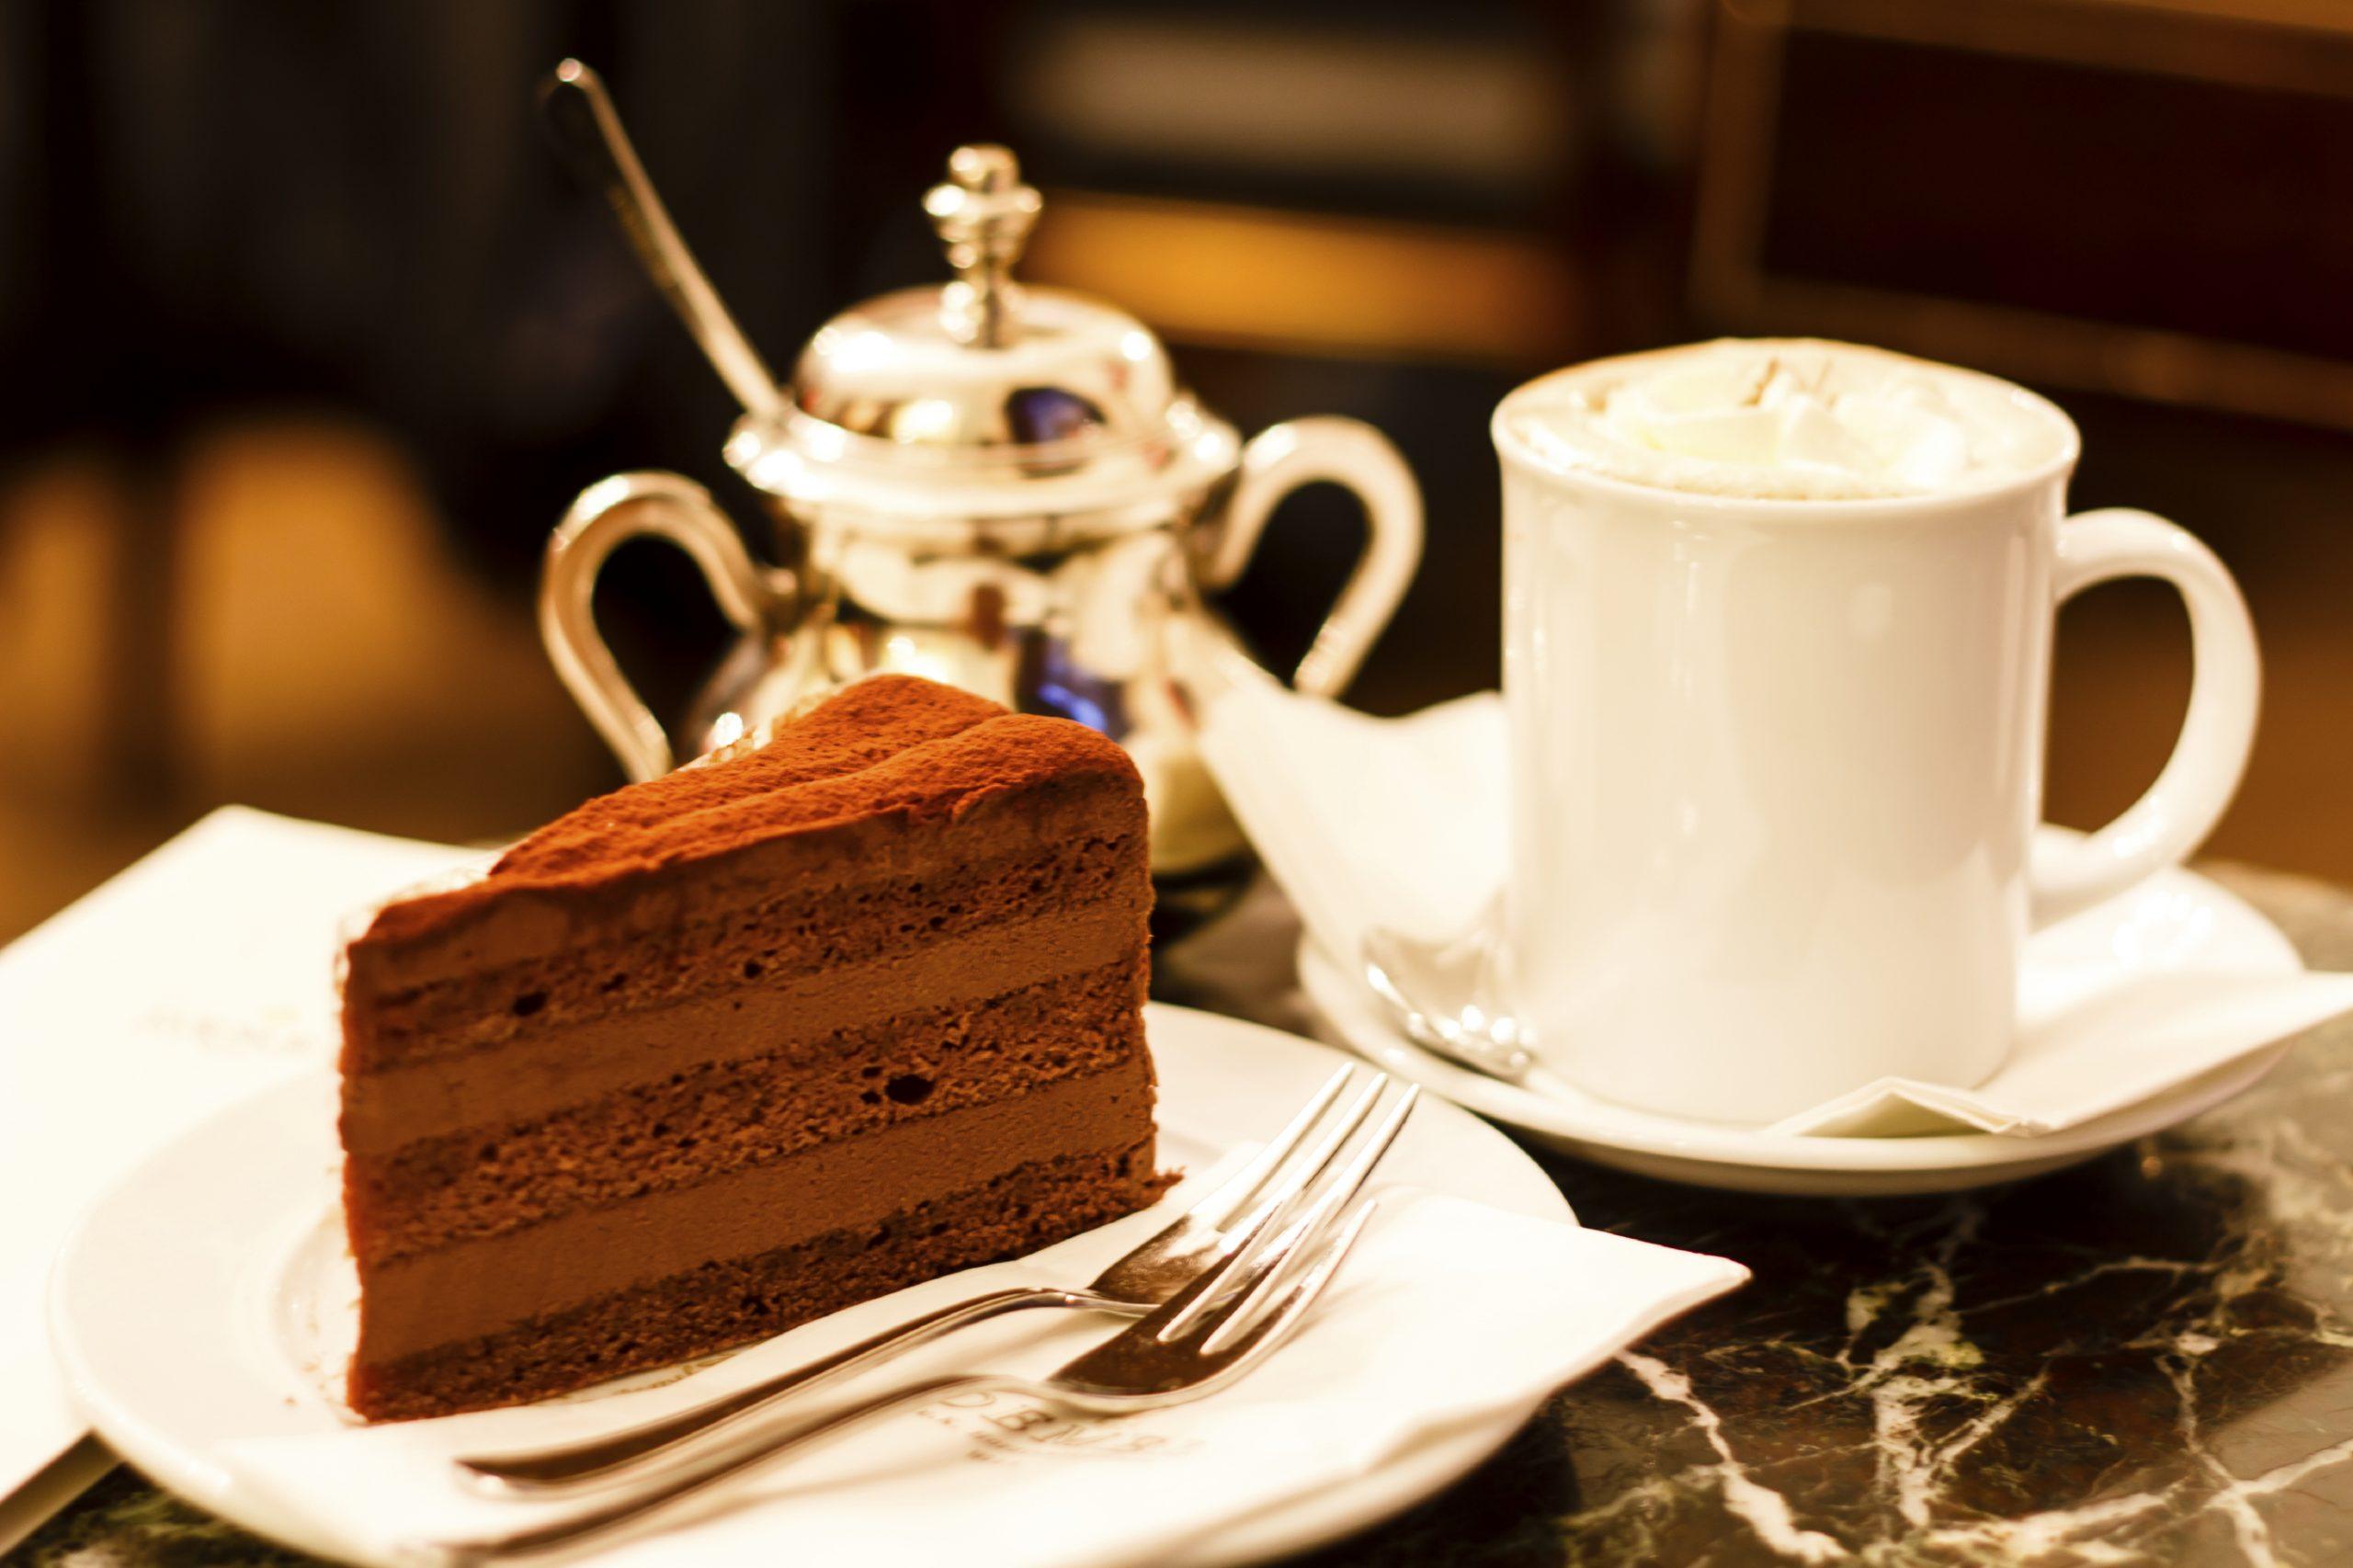 Kaffehaus Spezialitäten.jpg